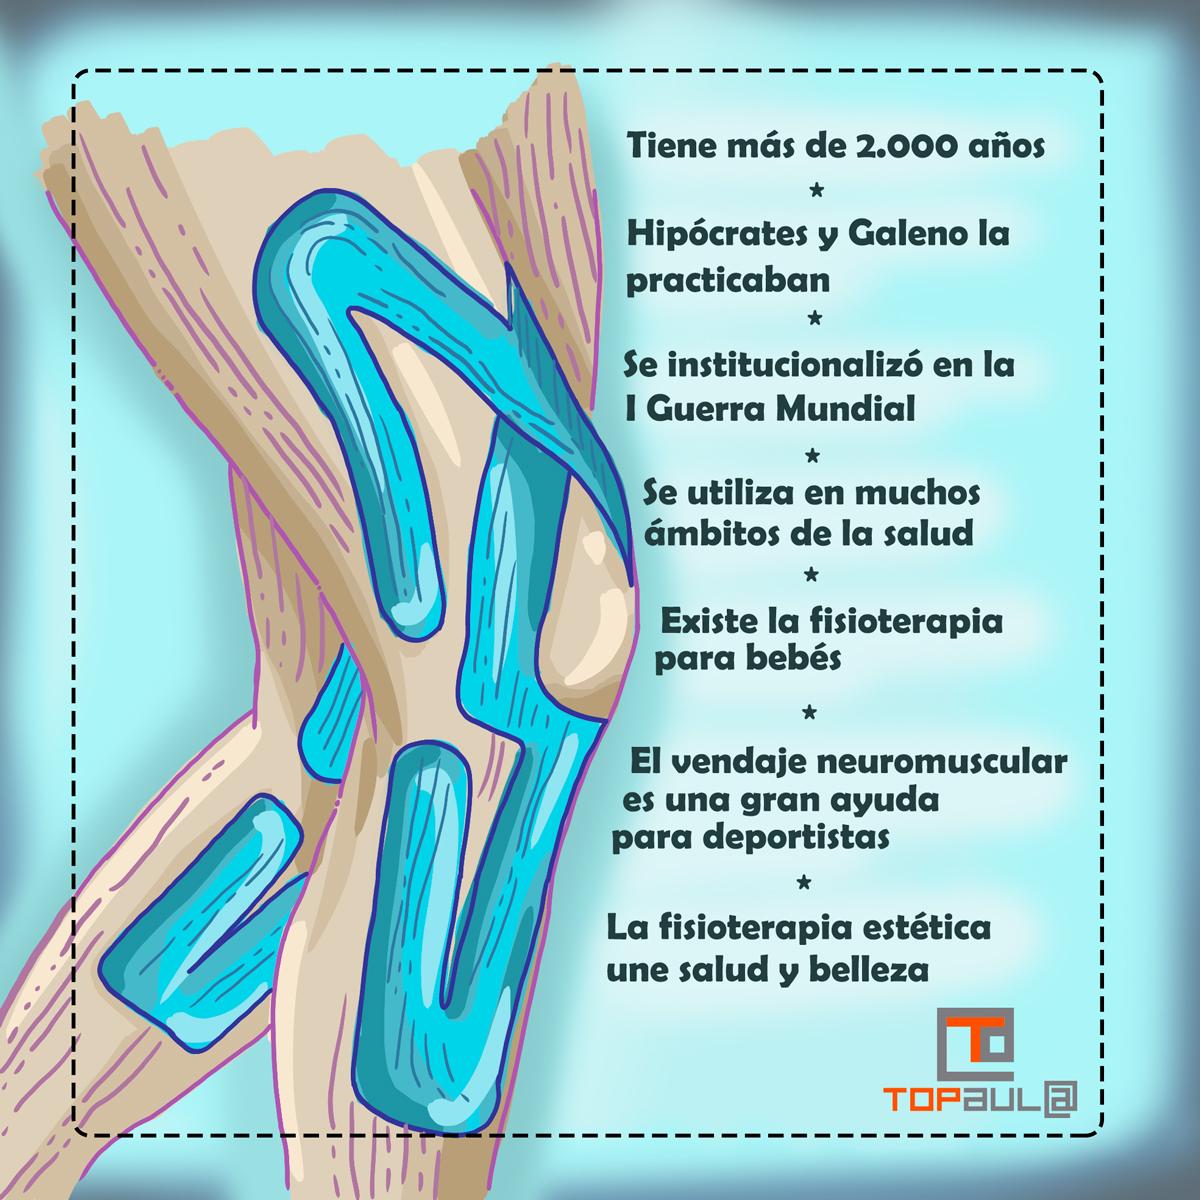 Infografía 6 curiosidades sobre la fisioterapia - www.topaulasalud.com